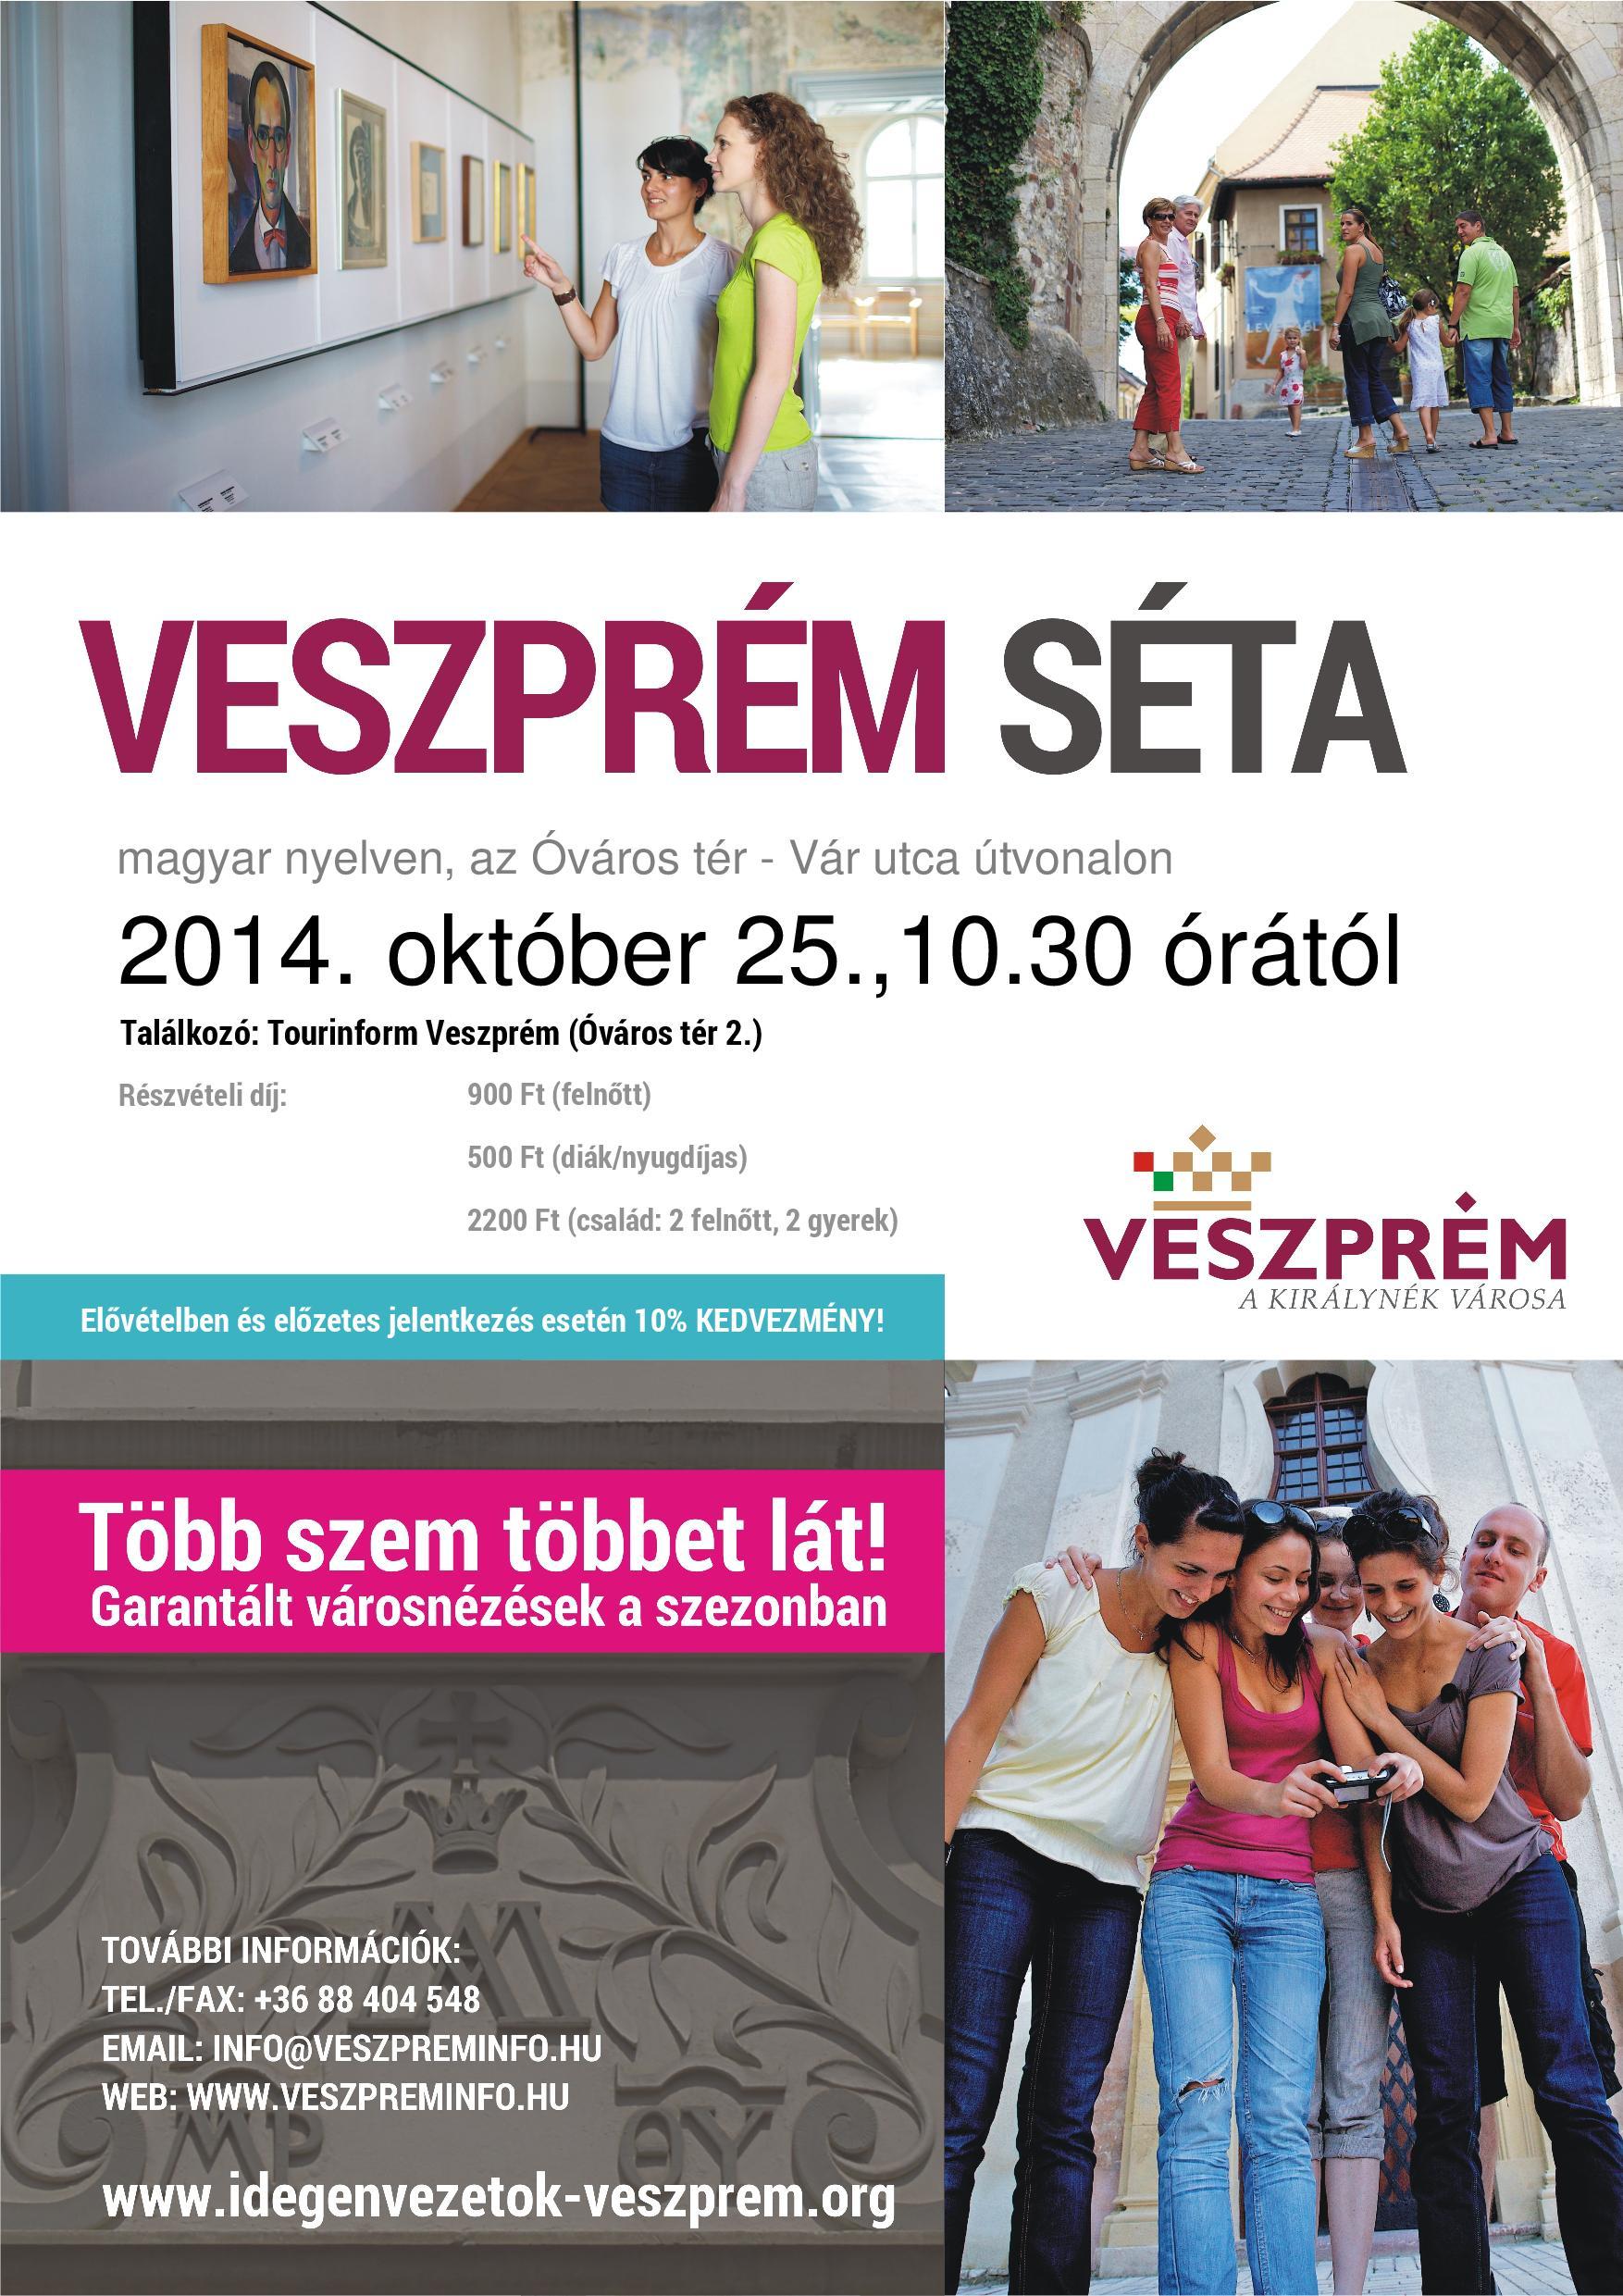 veszprem_tourinform_garidvez_okt 25-page-001.jpg